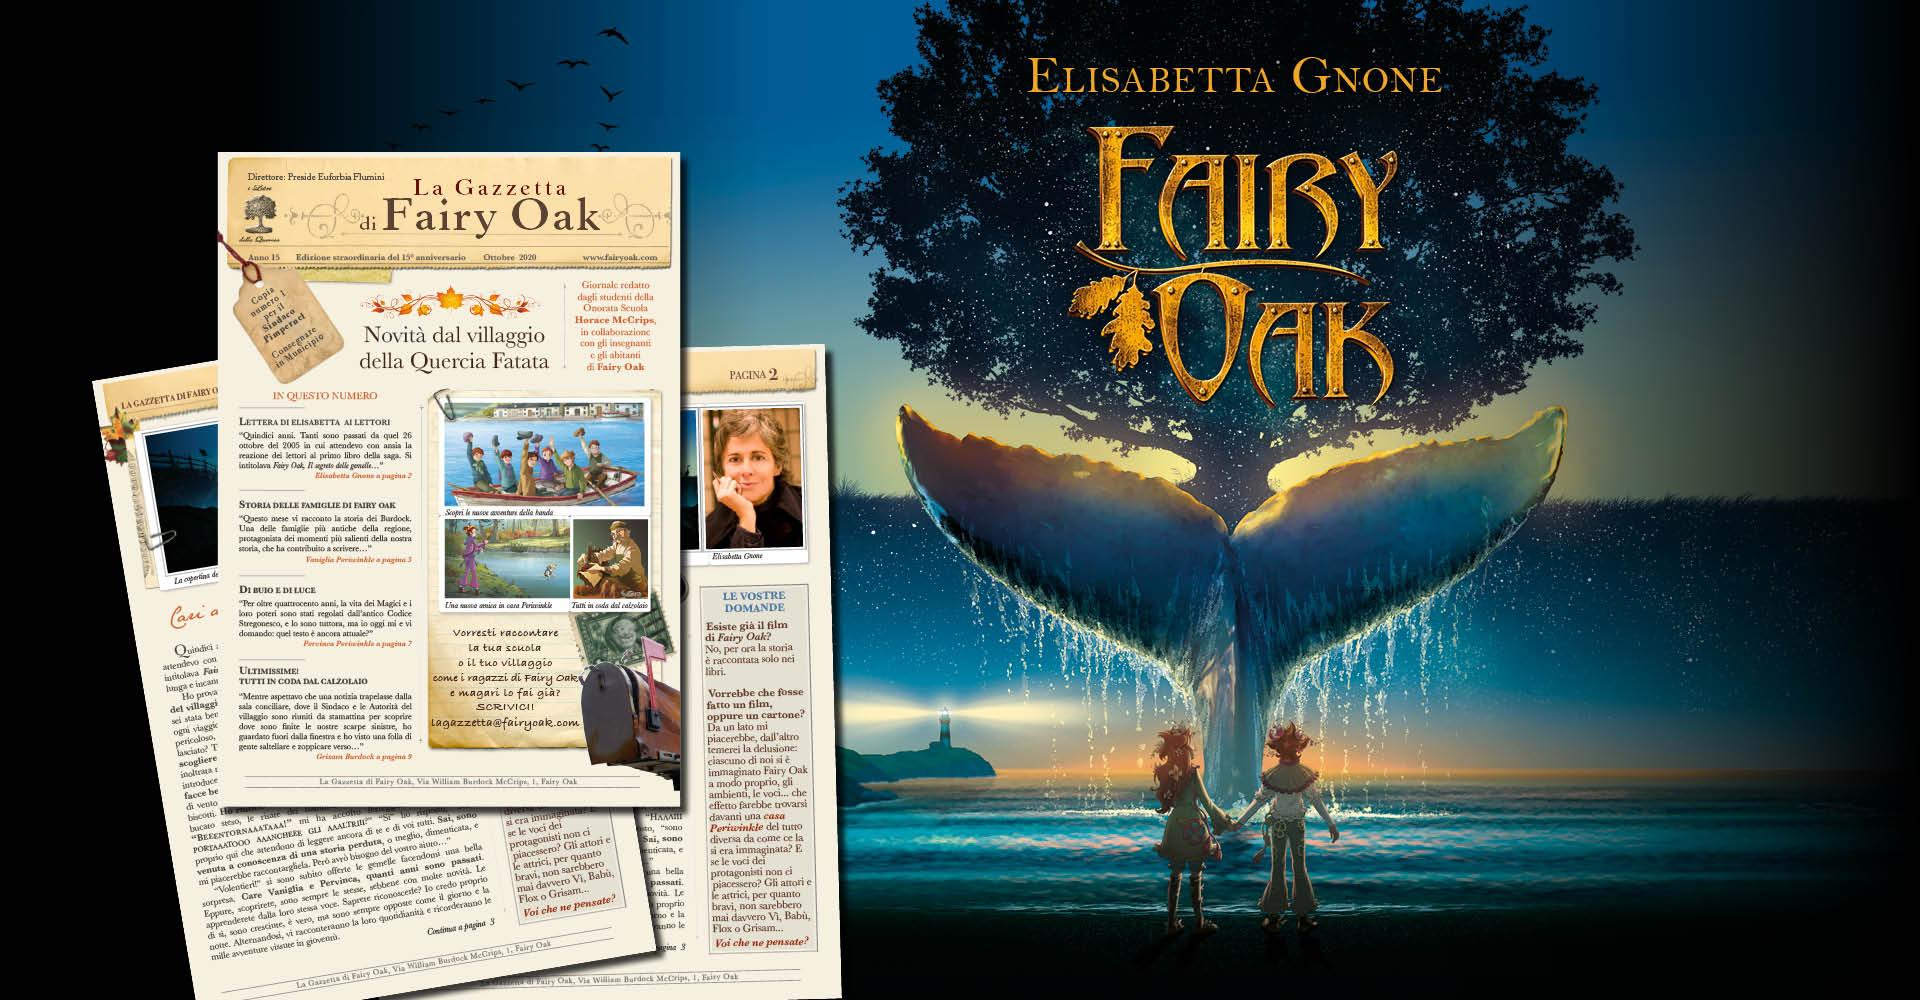 """""""La Gazzetta di Fairy Oak"""": in esclusiva il giornale della saga-bestseller"""